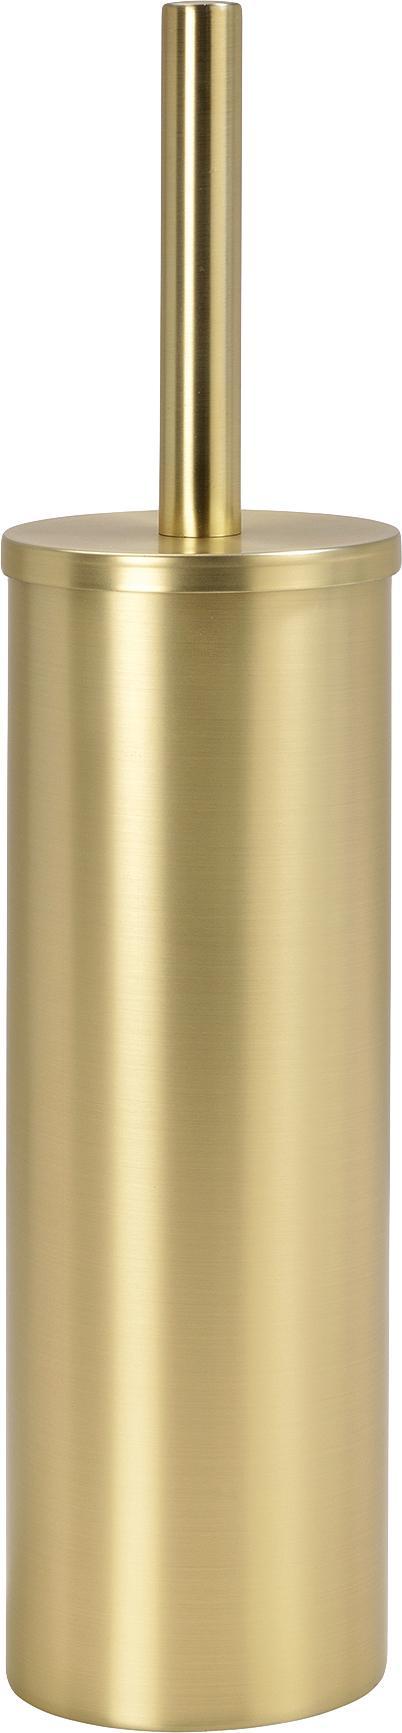 Toilettenbürste Onyar mit Edelstahl-Behälter, Behälter: Edelstahl, beschichtet, Messingfarben, Ø 9 x H 41 cm